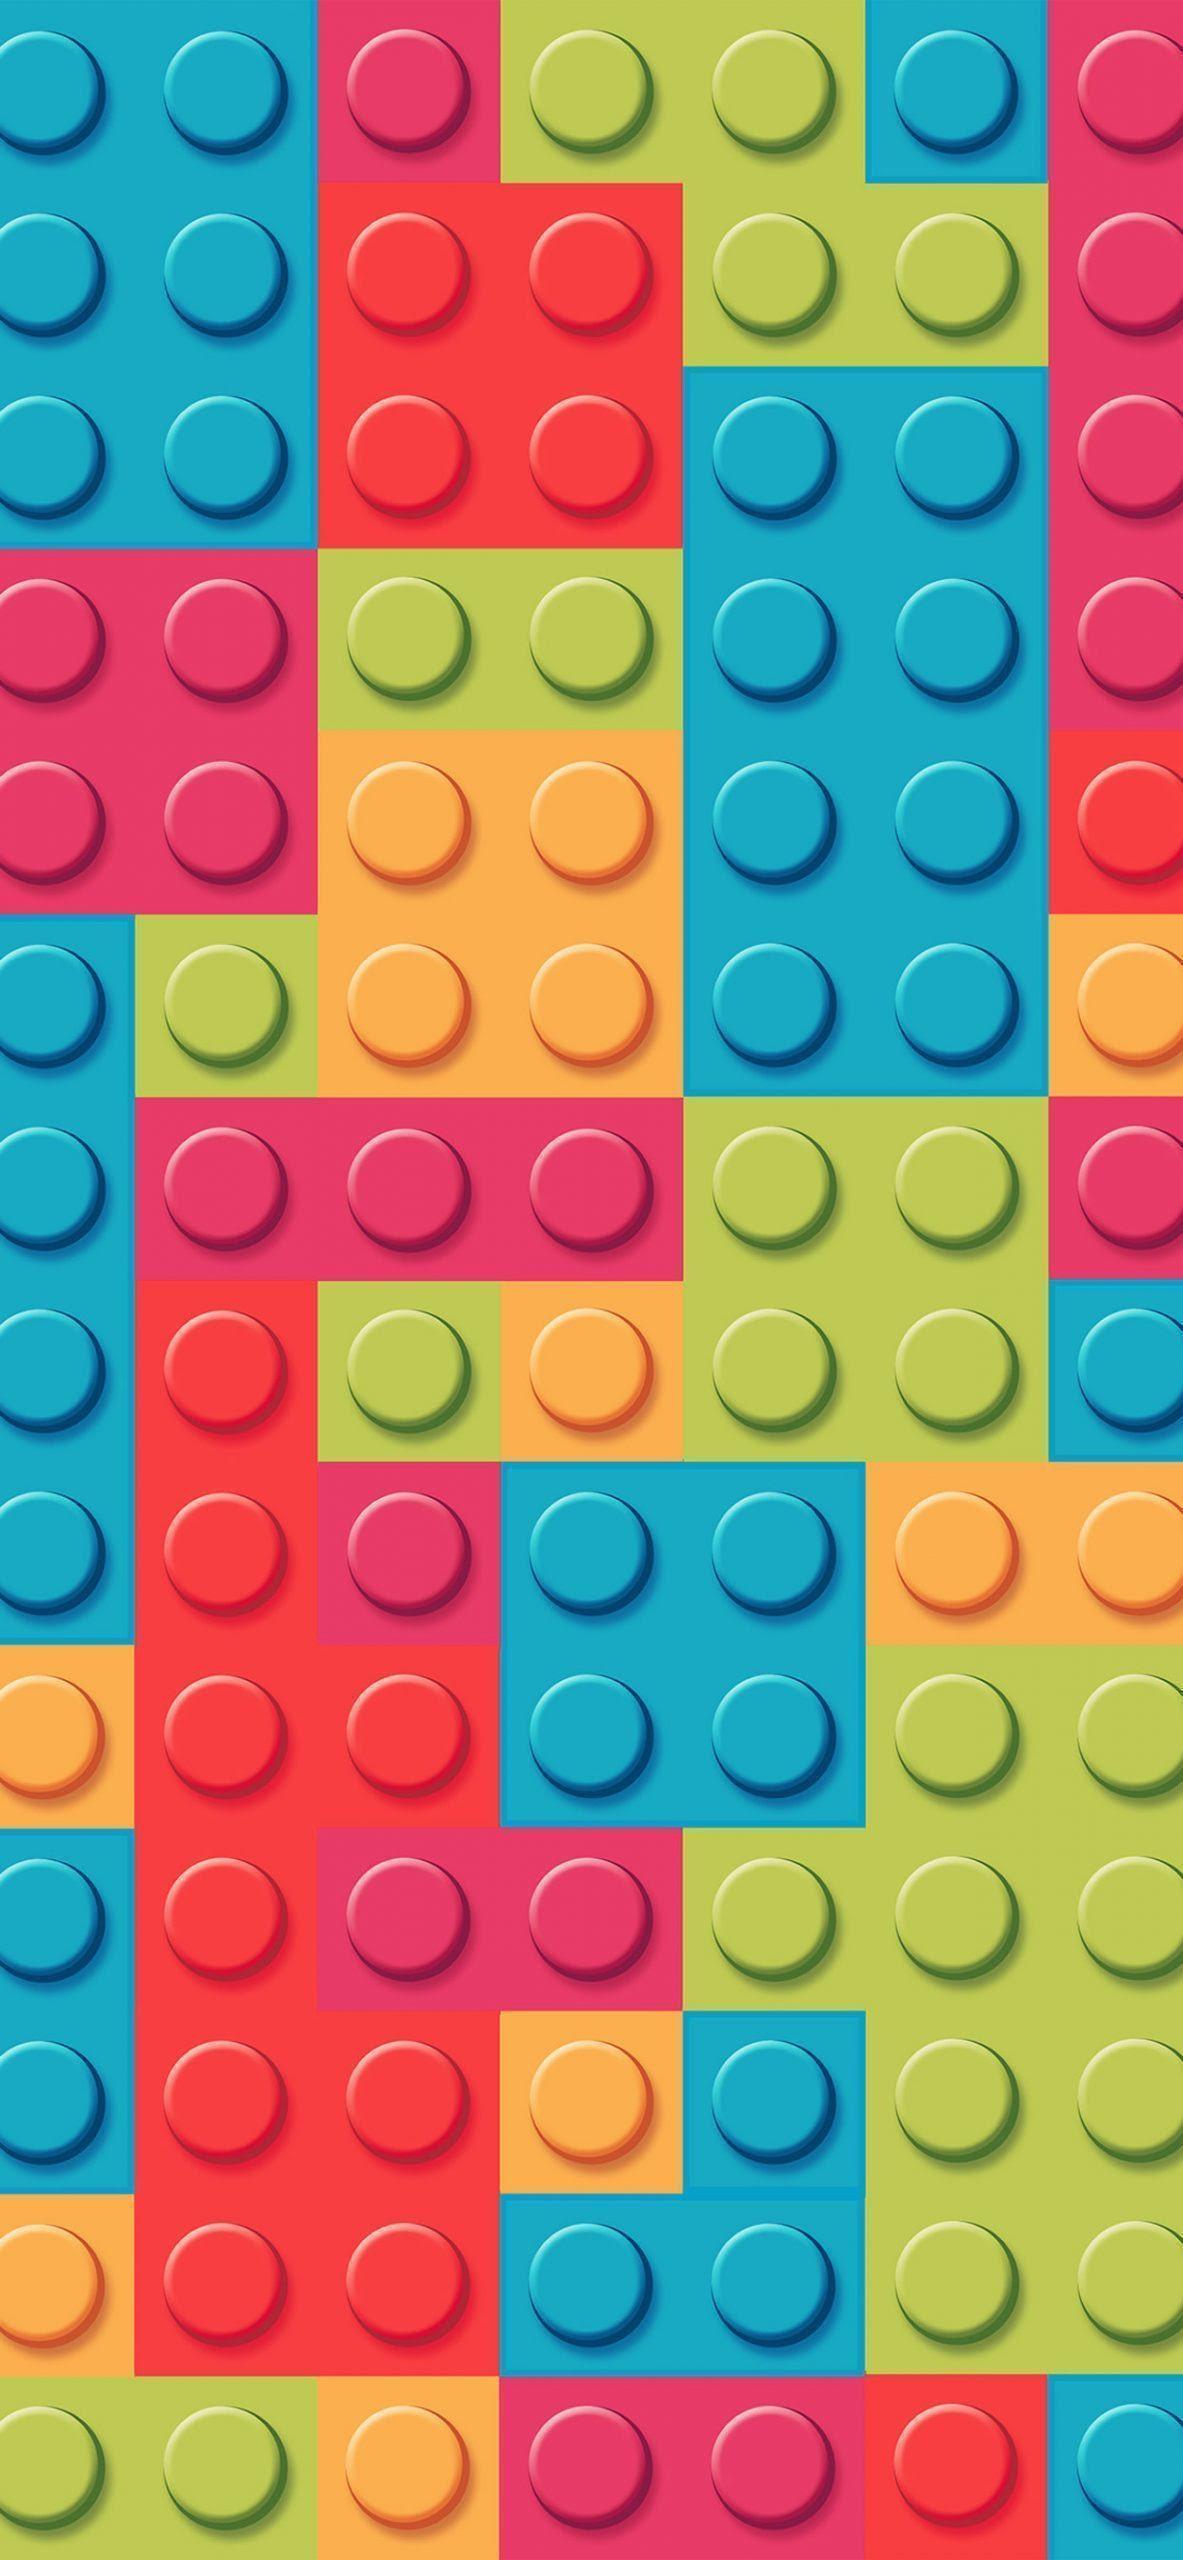 レゴブロックレインボーアートパターンパステルiphone Xs Max